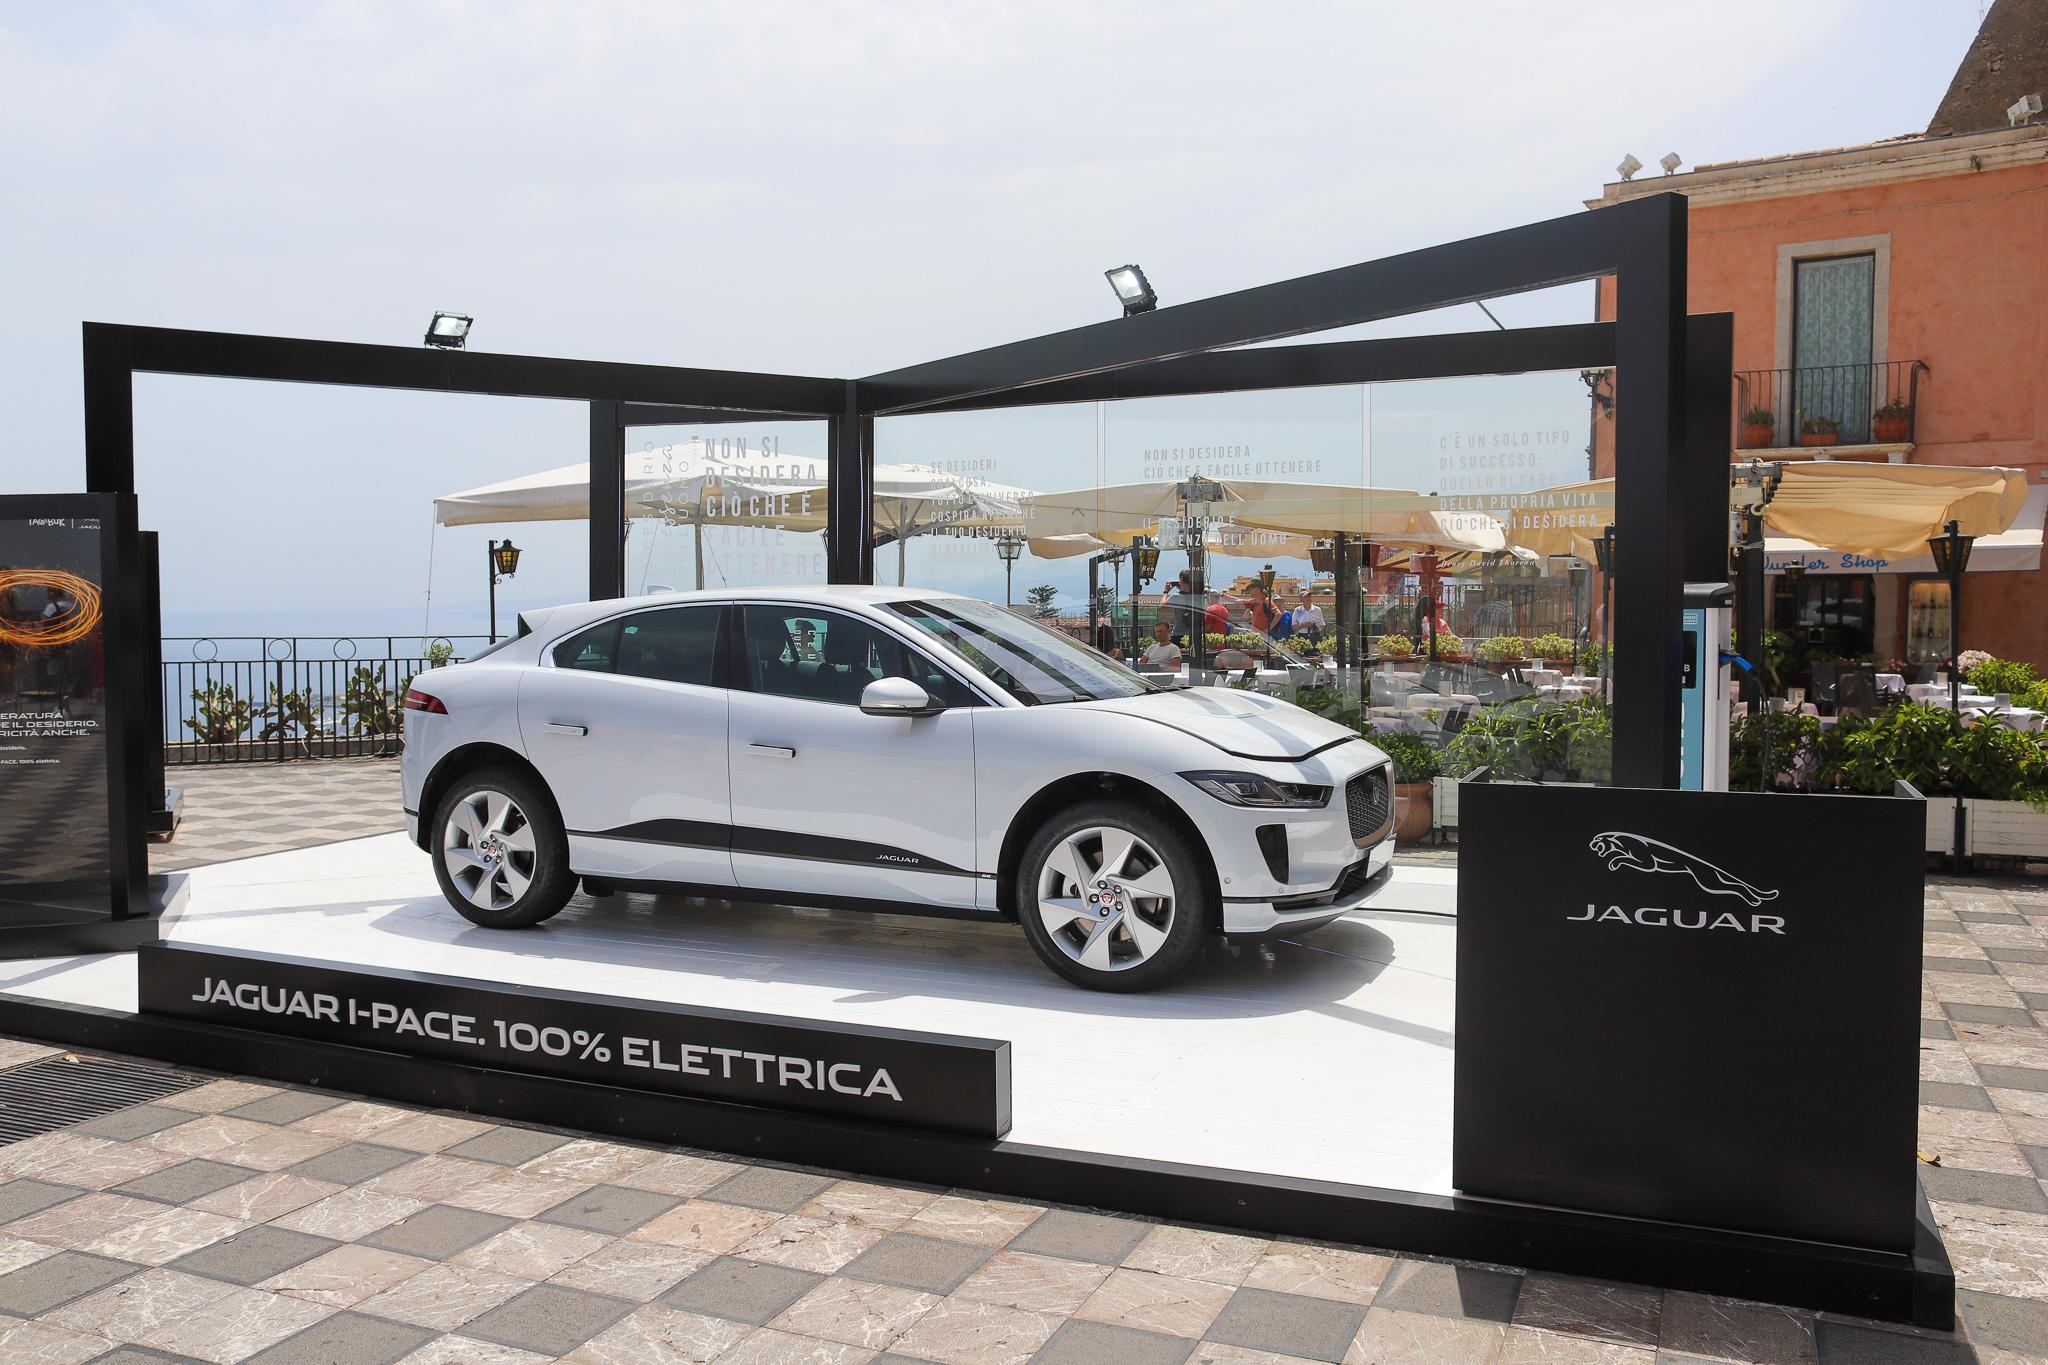 Electric Vehicle Market (EV) Analysis